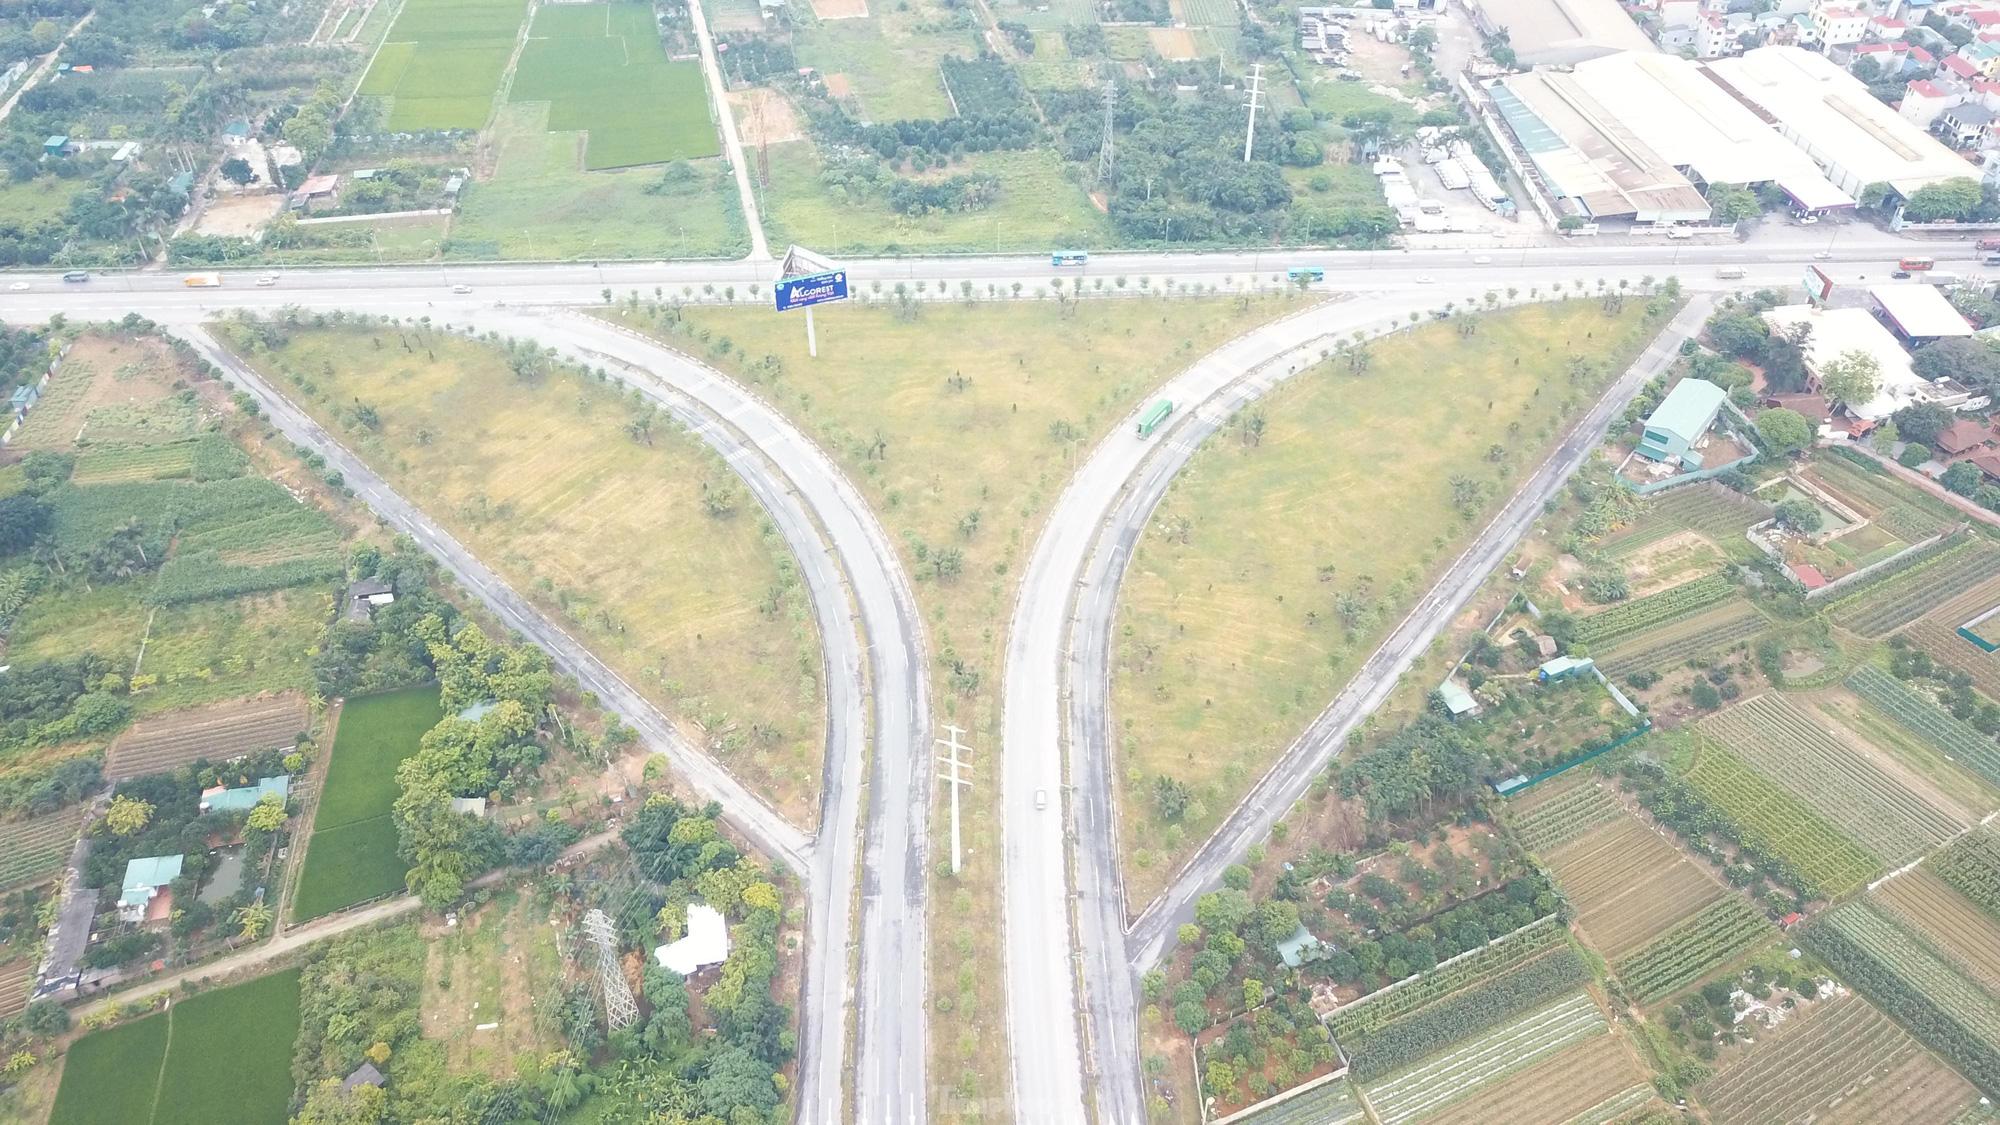 Tuyến đường 2.300 tỷ dài 15 km nối Hà Nội với Vĩnh Phúc hoạt động ra sao? - Ảnh 9.